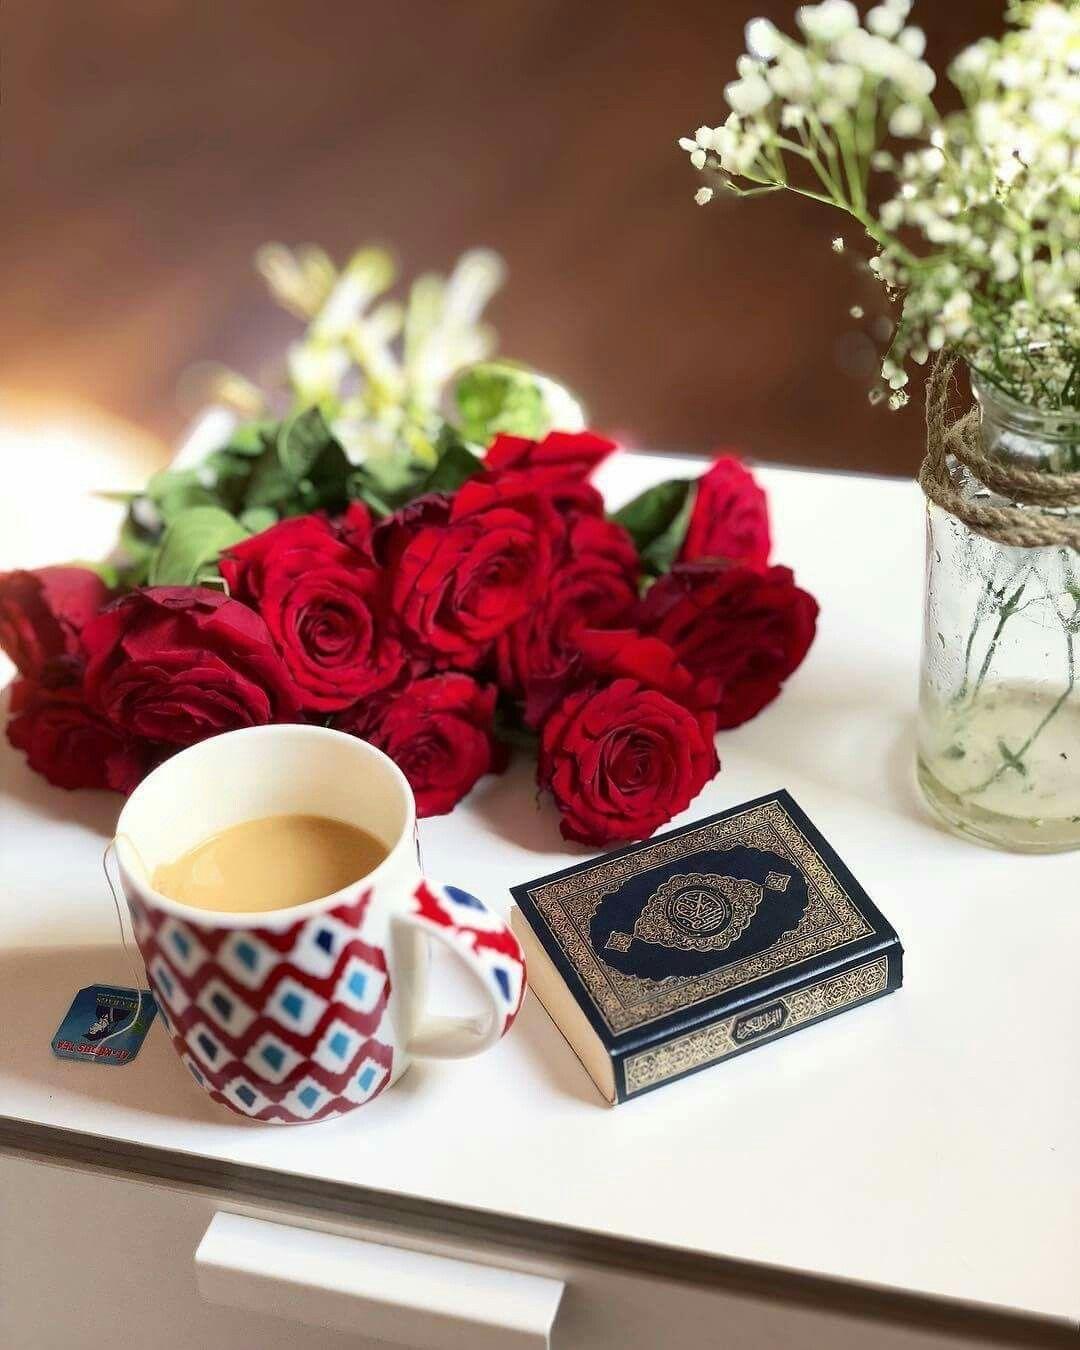 صباح القلوب الصافية صباح القلوب النقية صباحكم إبتسامة جميلة مثل جمال أرواحكم الطيبة Quran Wallpaper Islamic Wallpaper Islamic Pictures